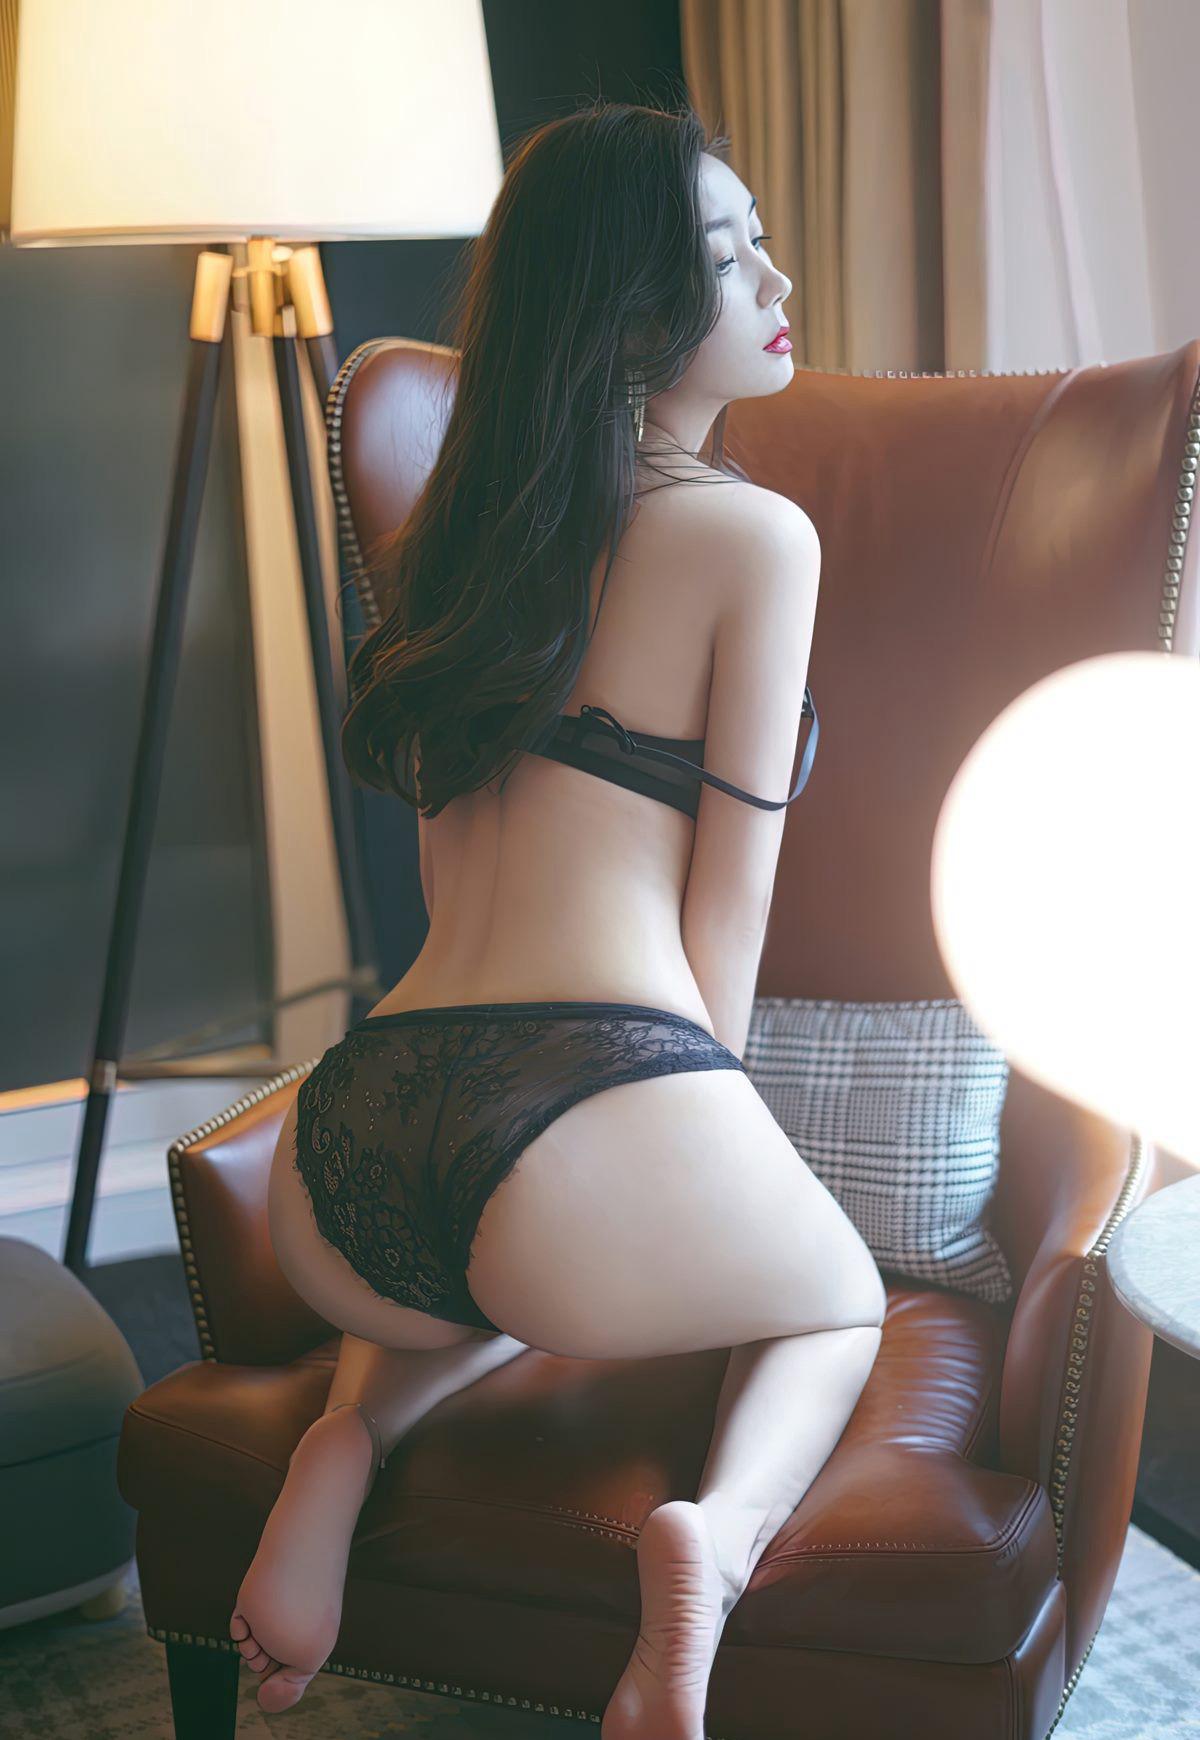 艾静香极致丰满蕾丝内衣灰丝袜长腿风骚高冷美少妇